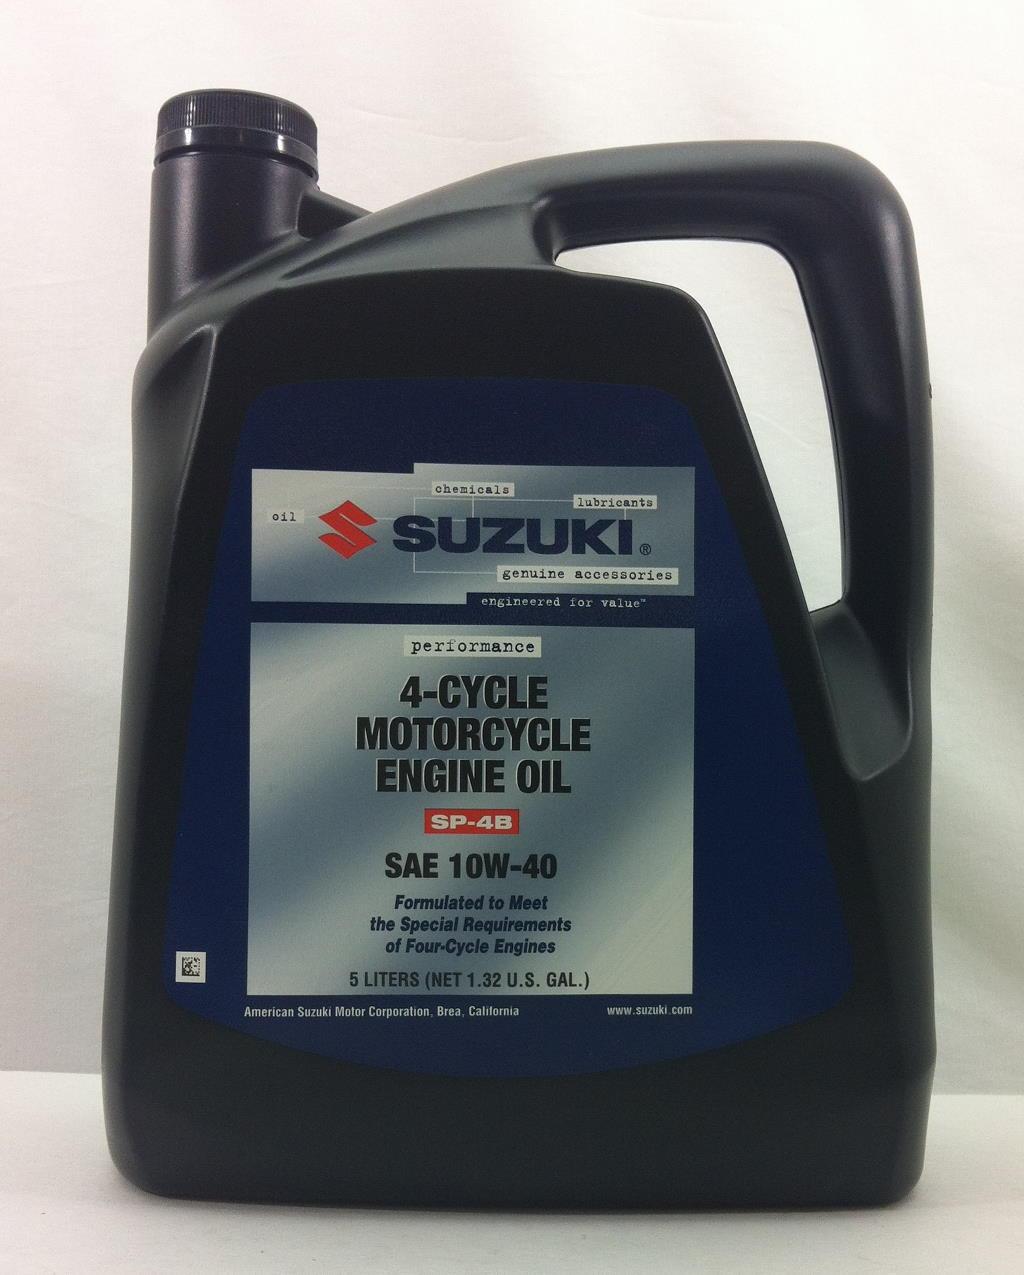 Suzuki Performance 10w40 Motorcycle Oil 5 Liter Bottle Ebay